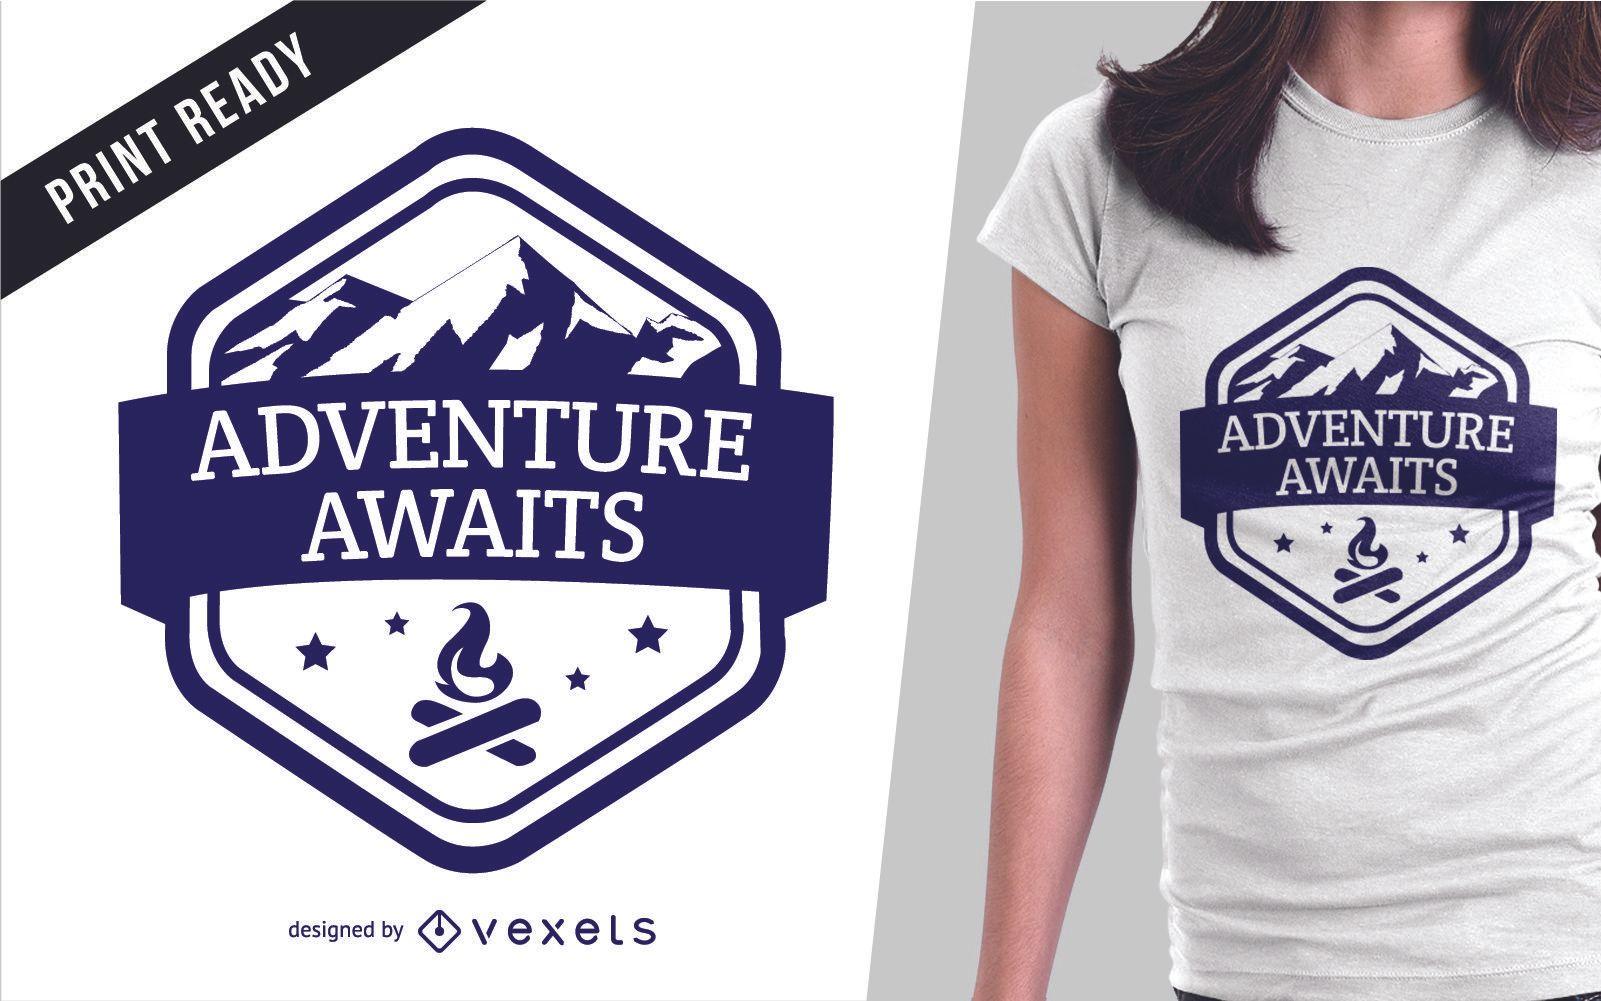 Dise?o de camiseta de ilustraci?n de aventura.